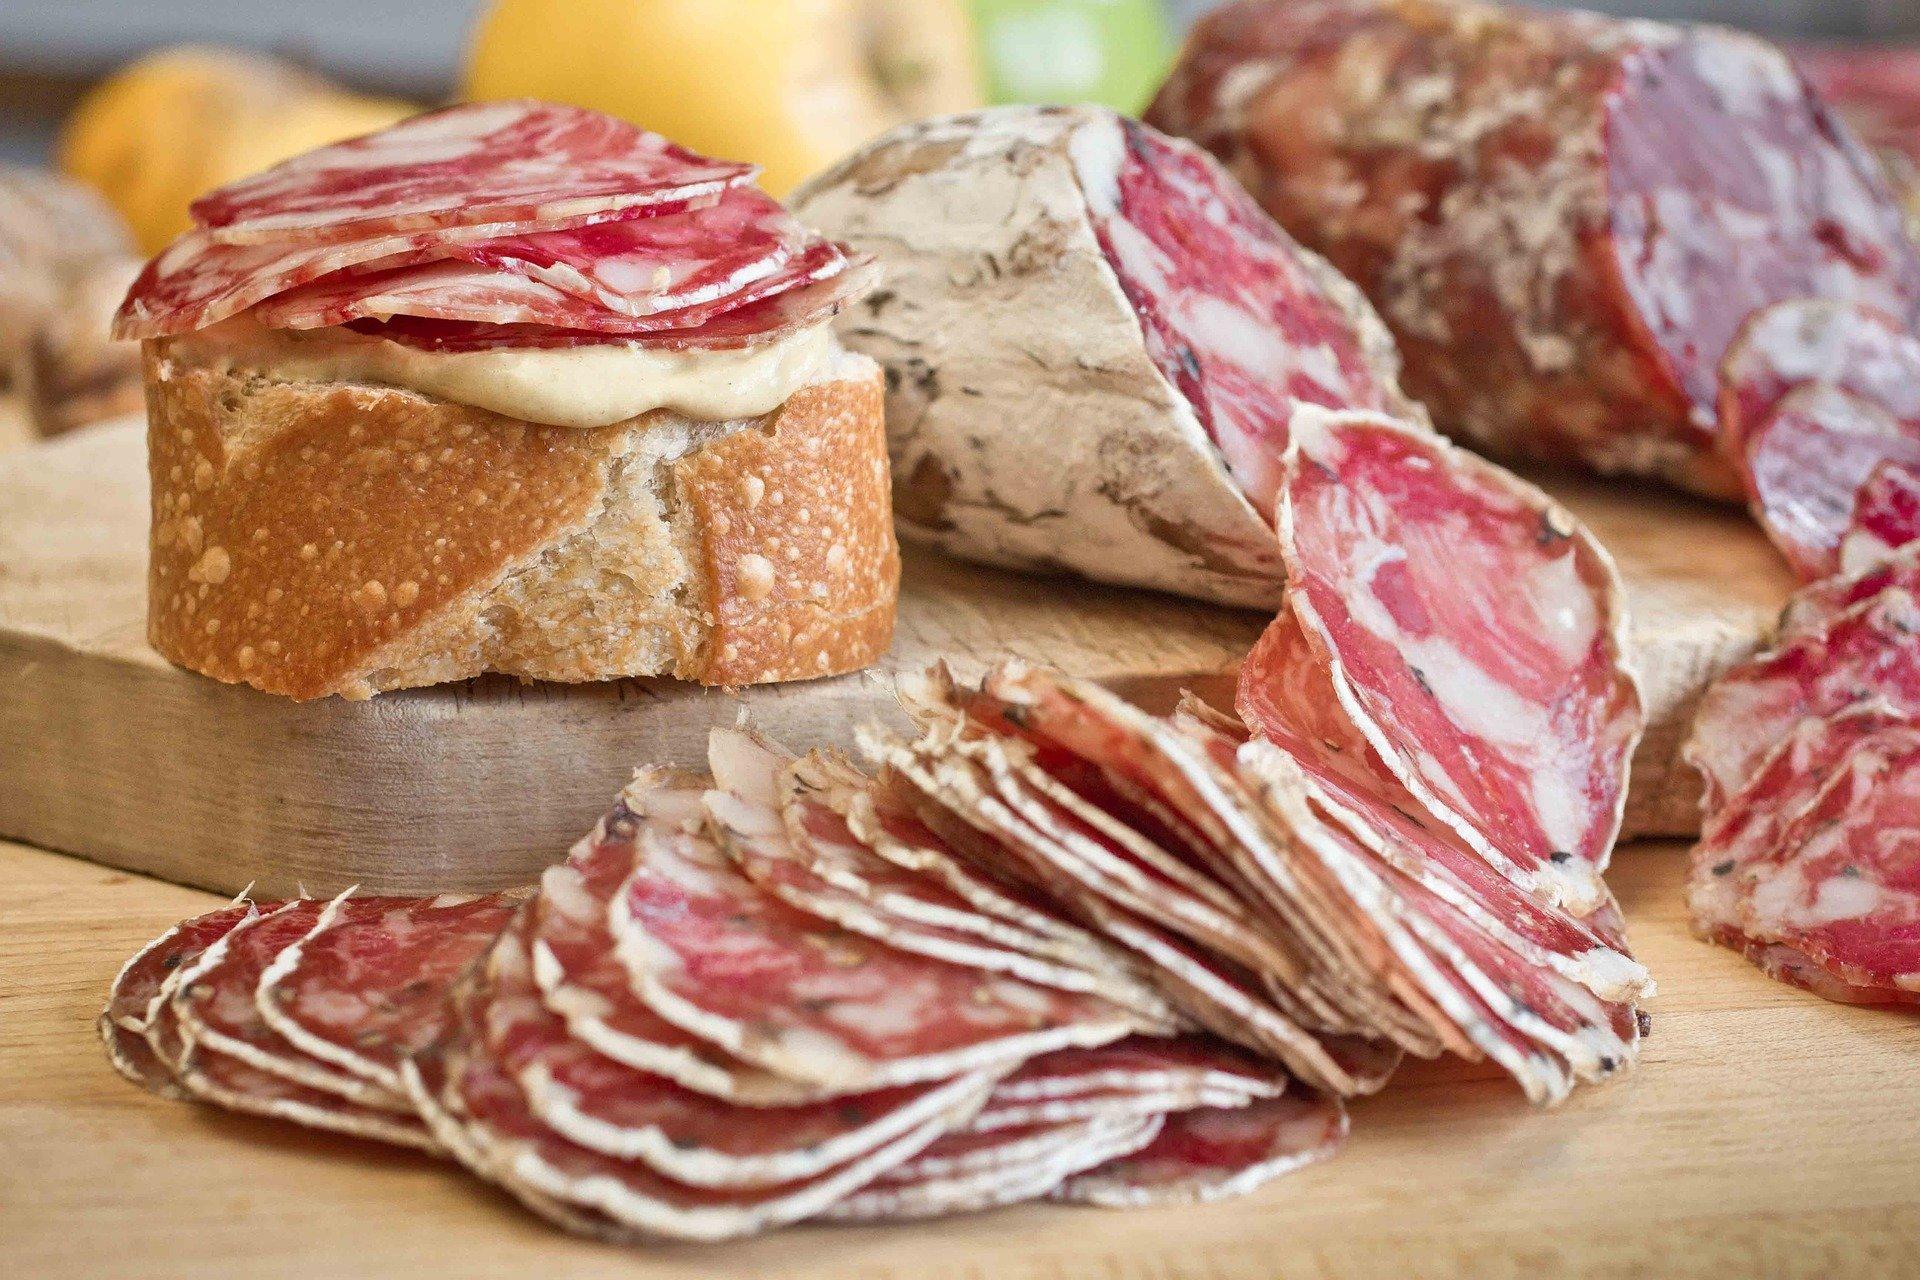 des tranches de pain et de saucisson